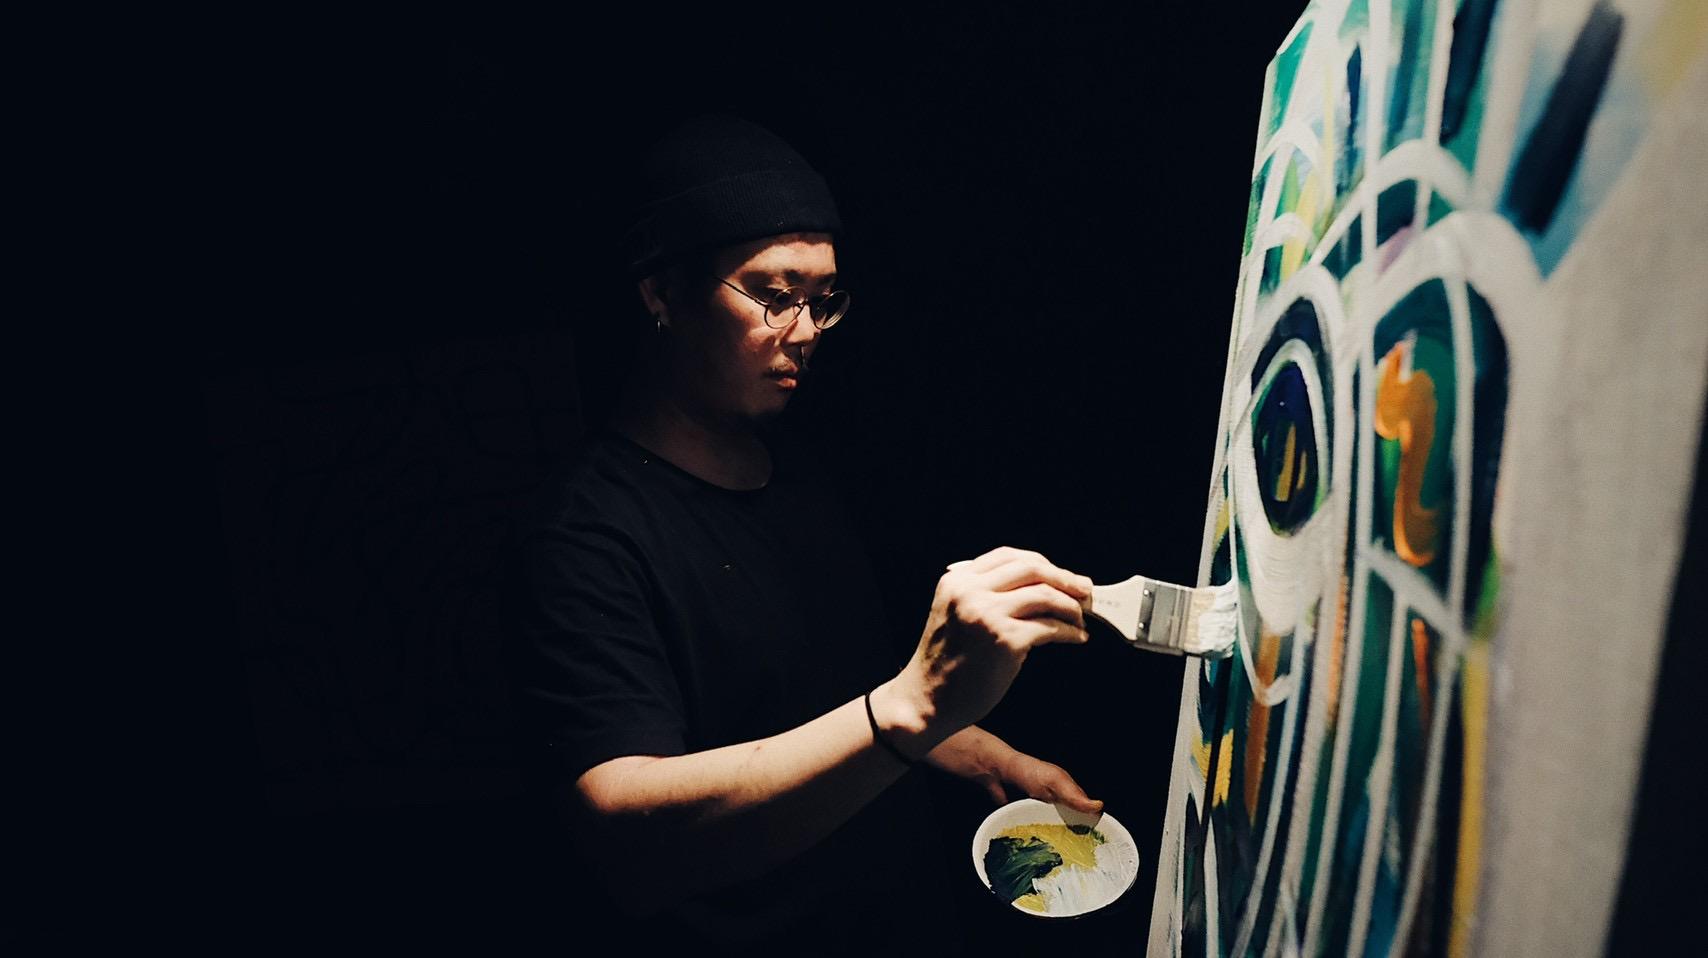 Live Art